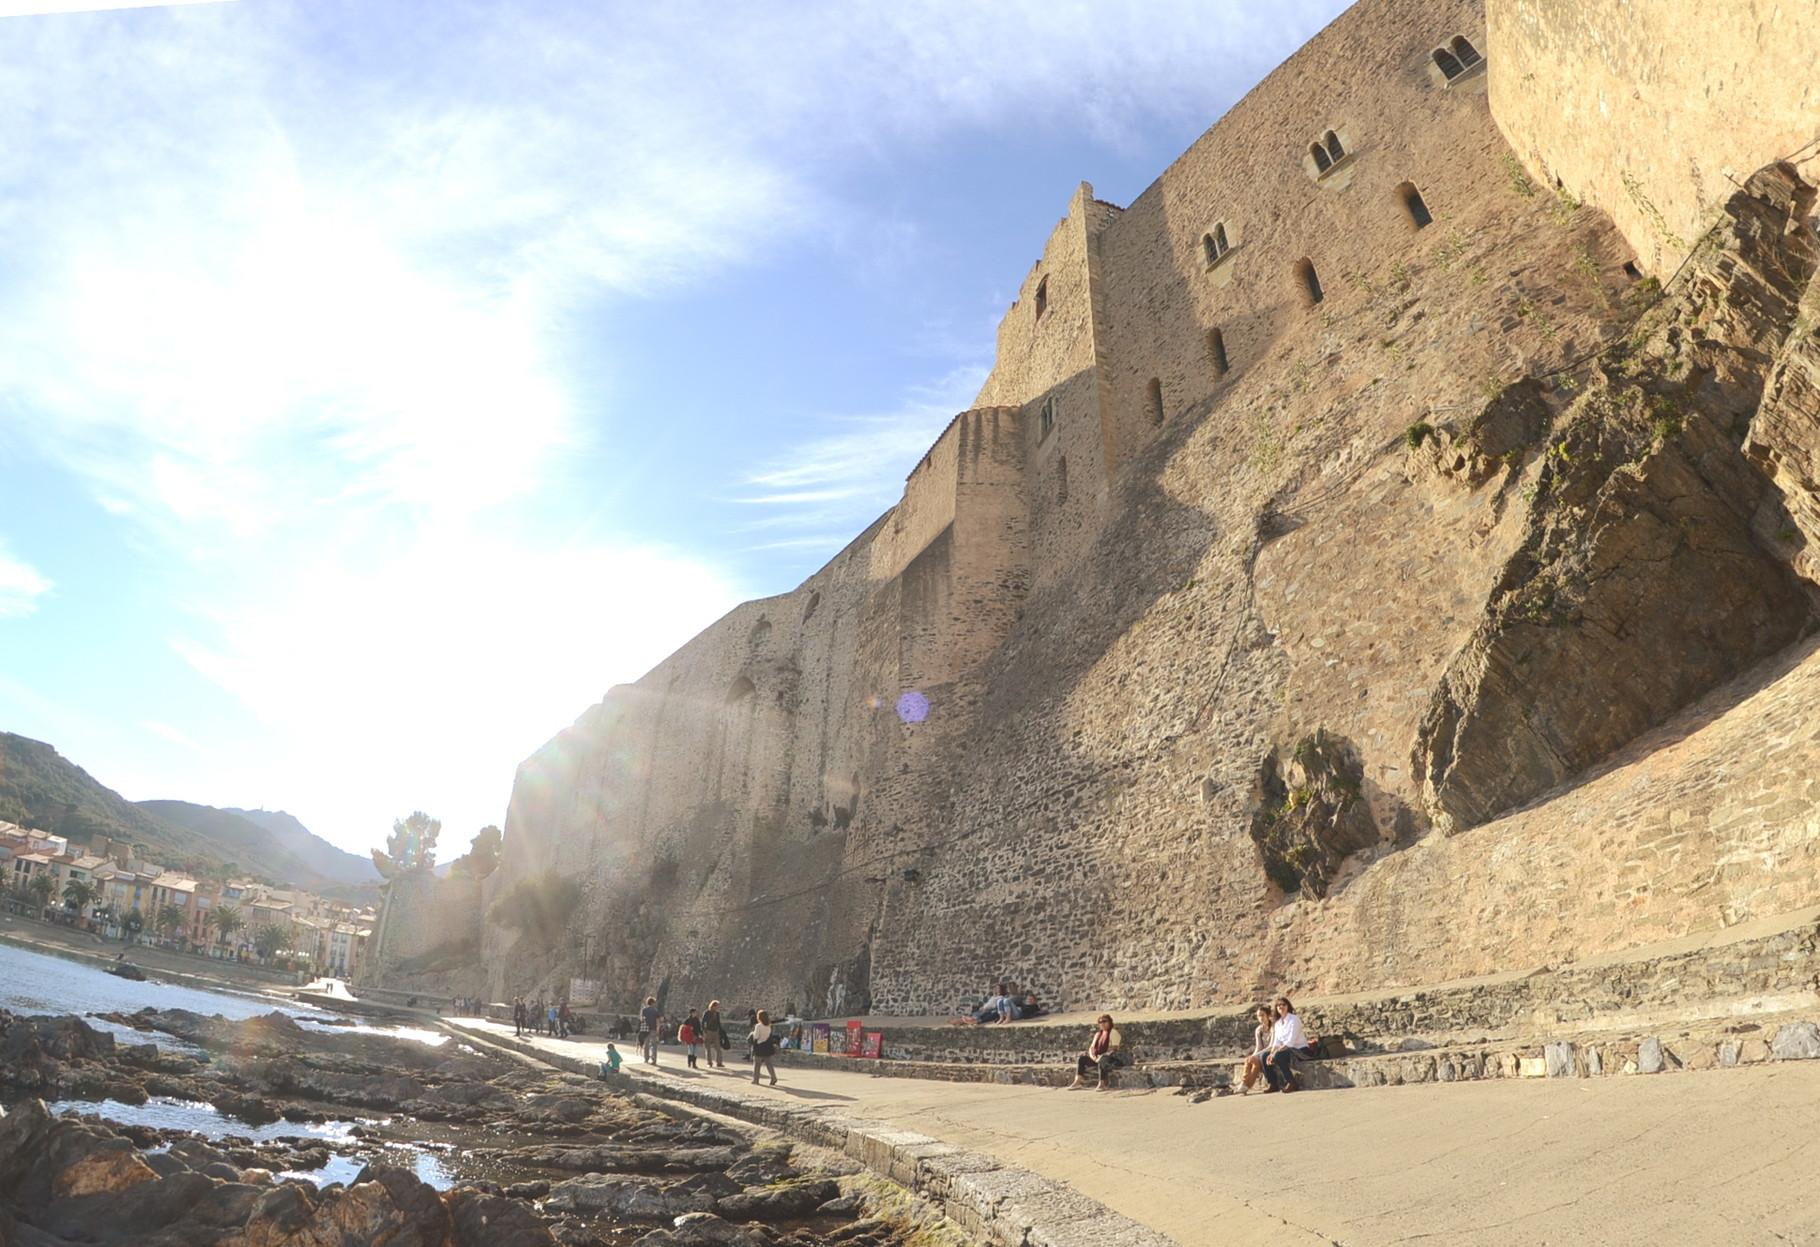 Le glacis et la muraille de Vauban